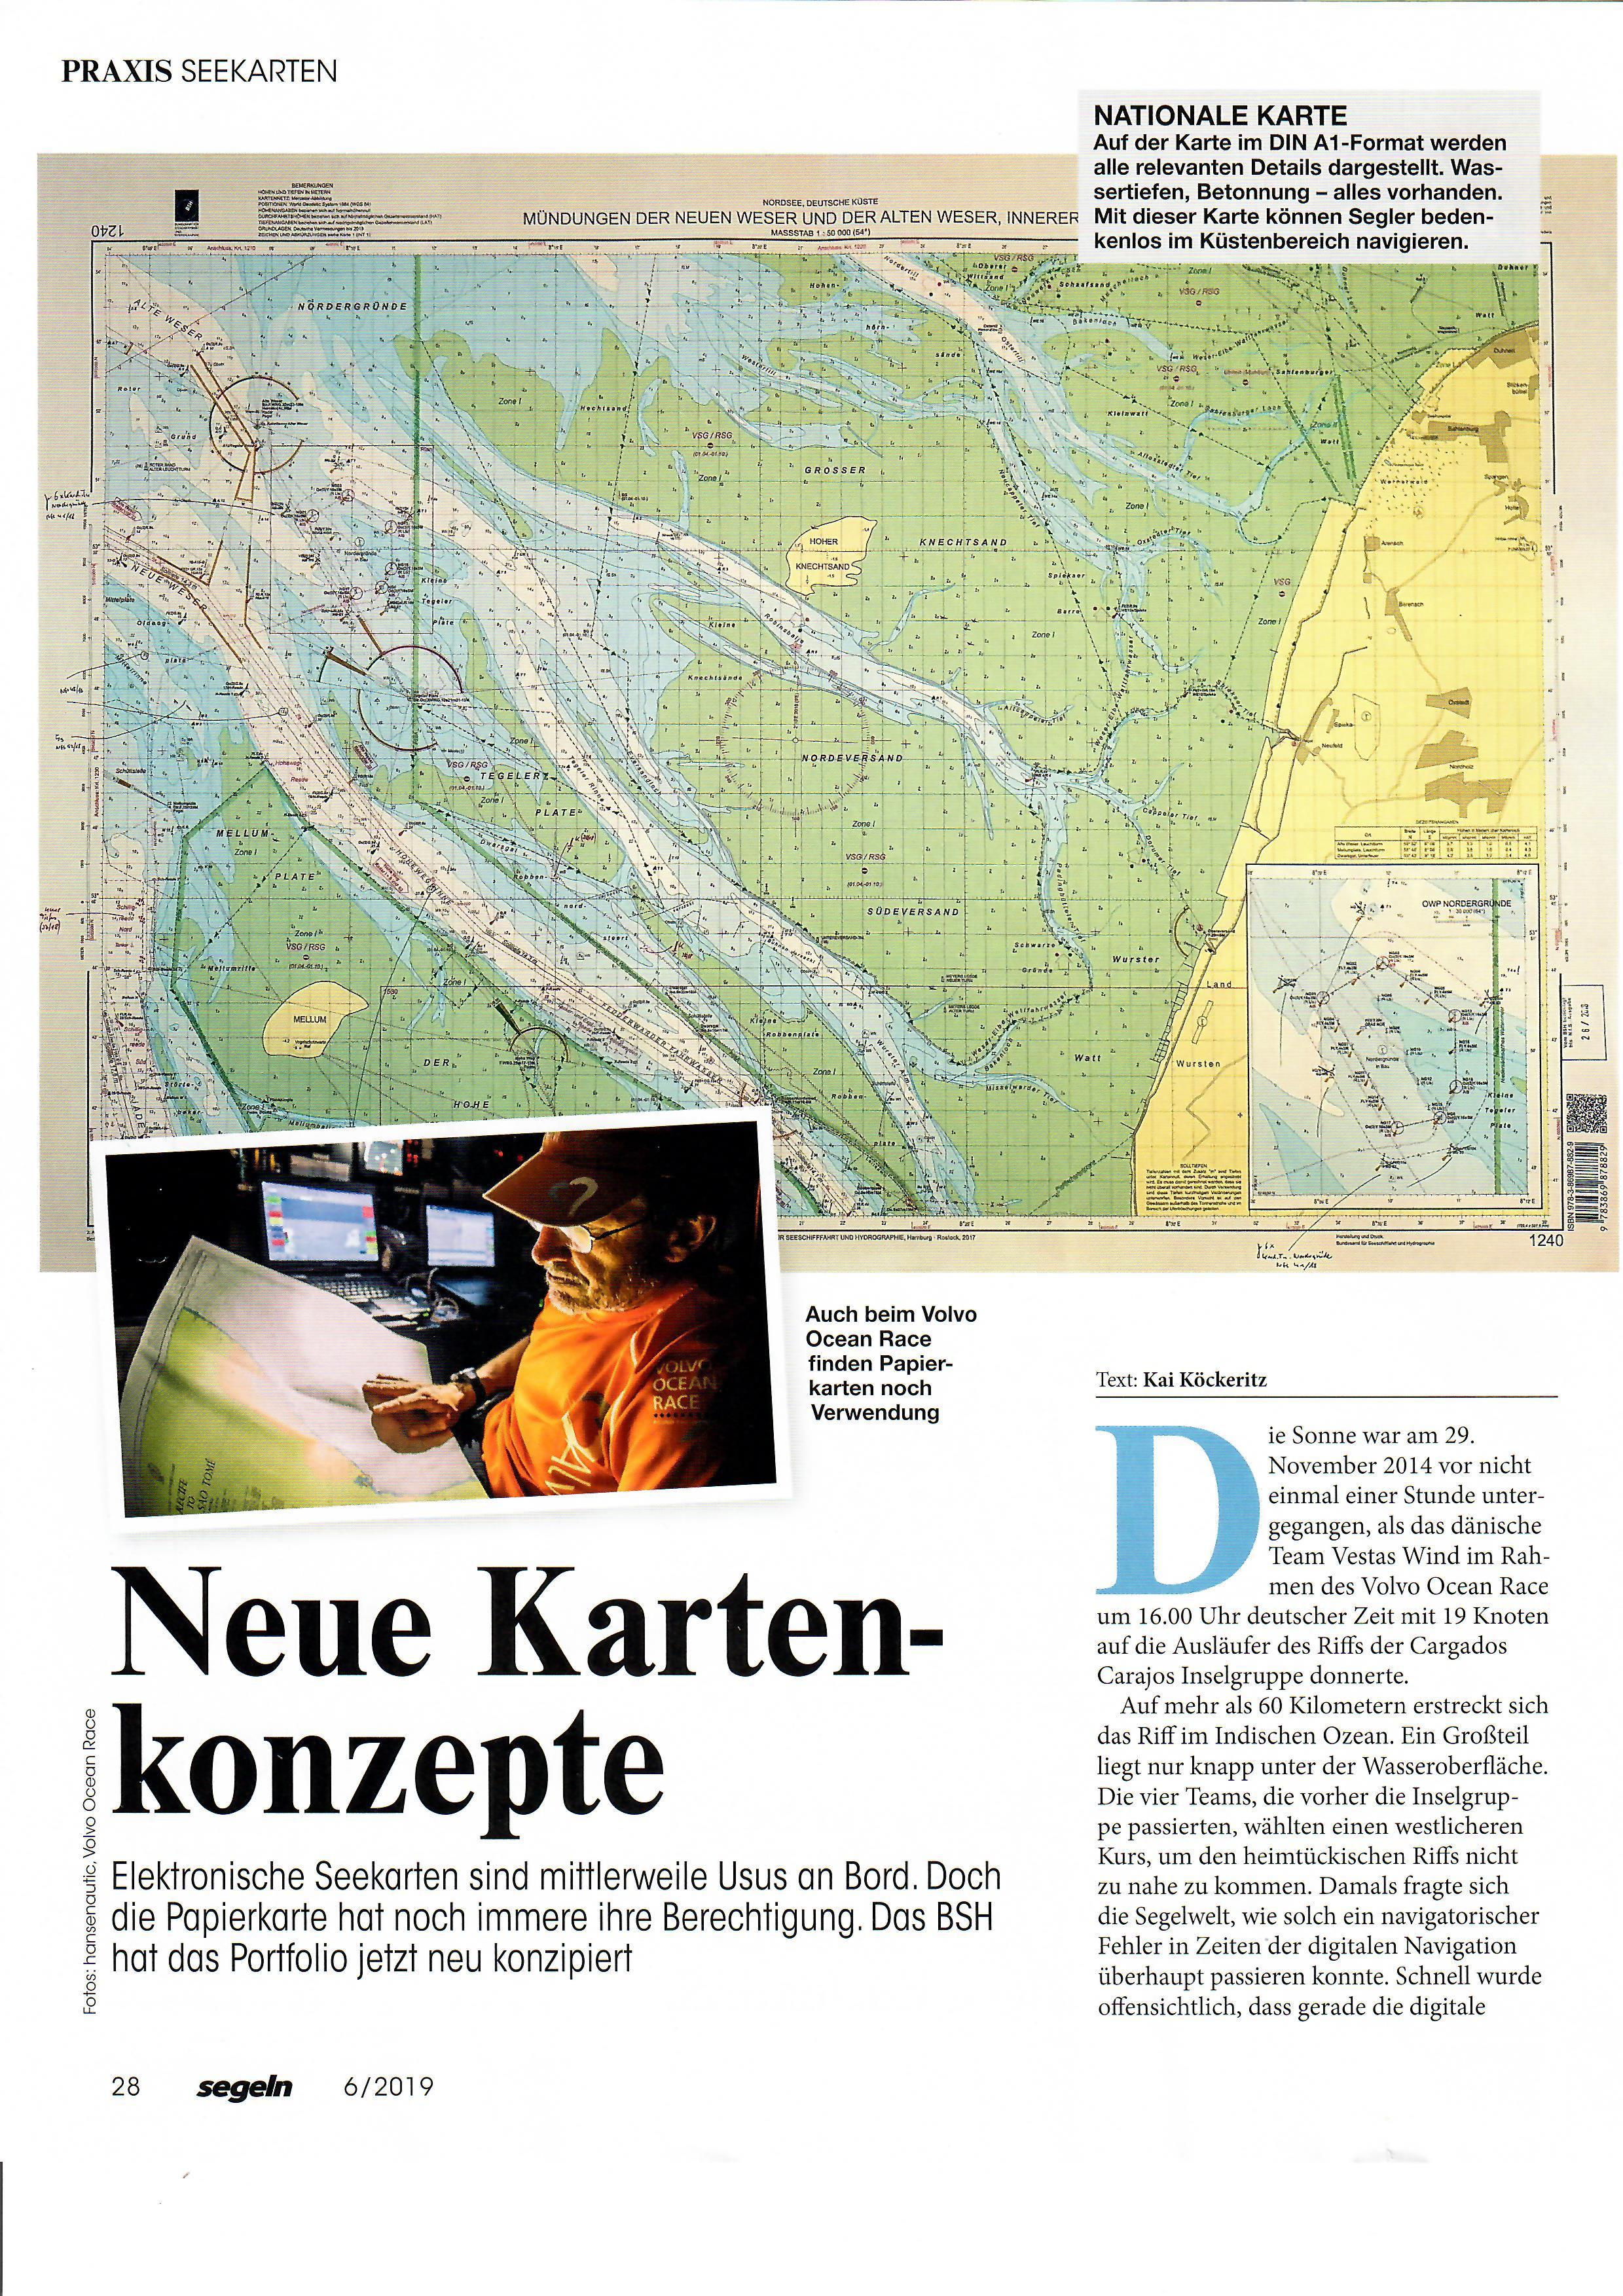 """Artikel """"Neue Kartenkonzepte"""" in Zeitschrift Segeln"""